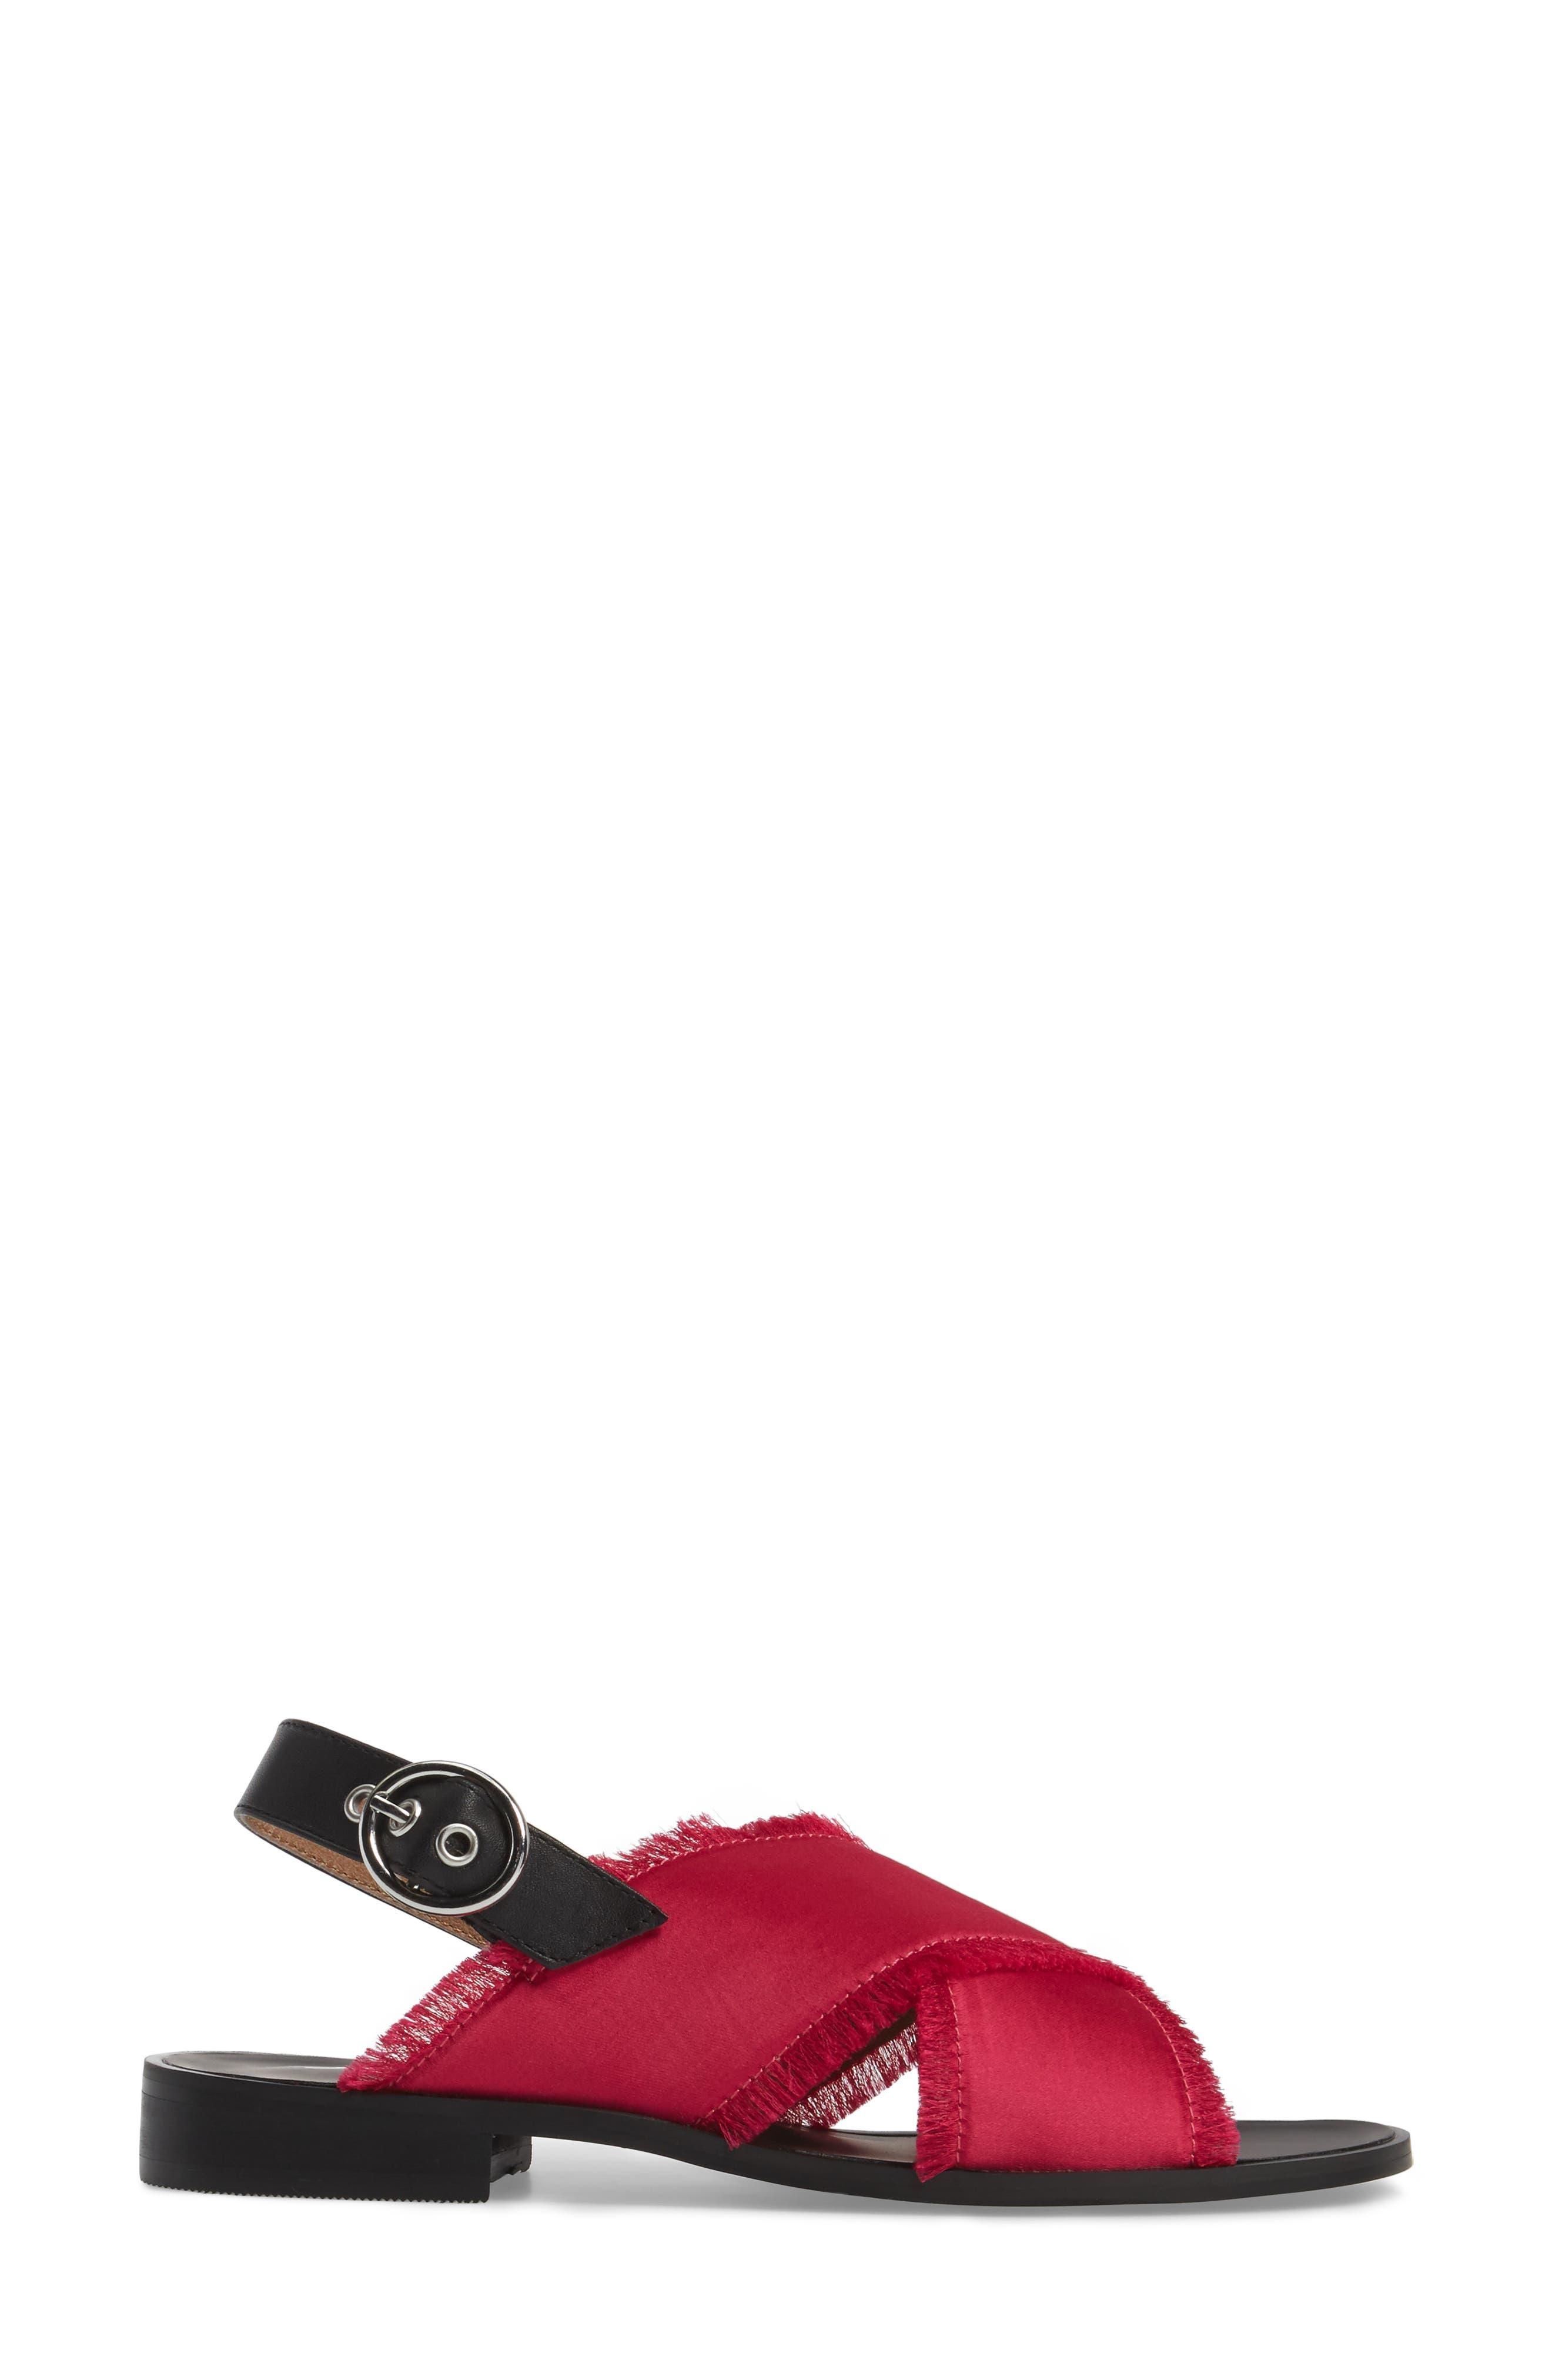 Endy Fringed Cross Strap Sandal,                             Alternate thumbnail 3, color,                             Fuchsia